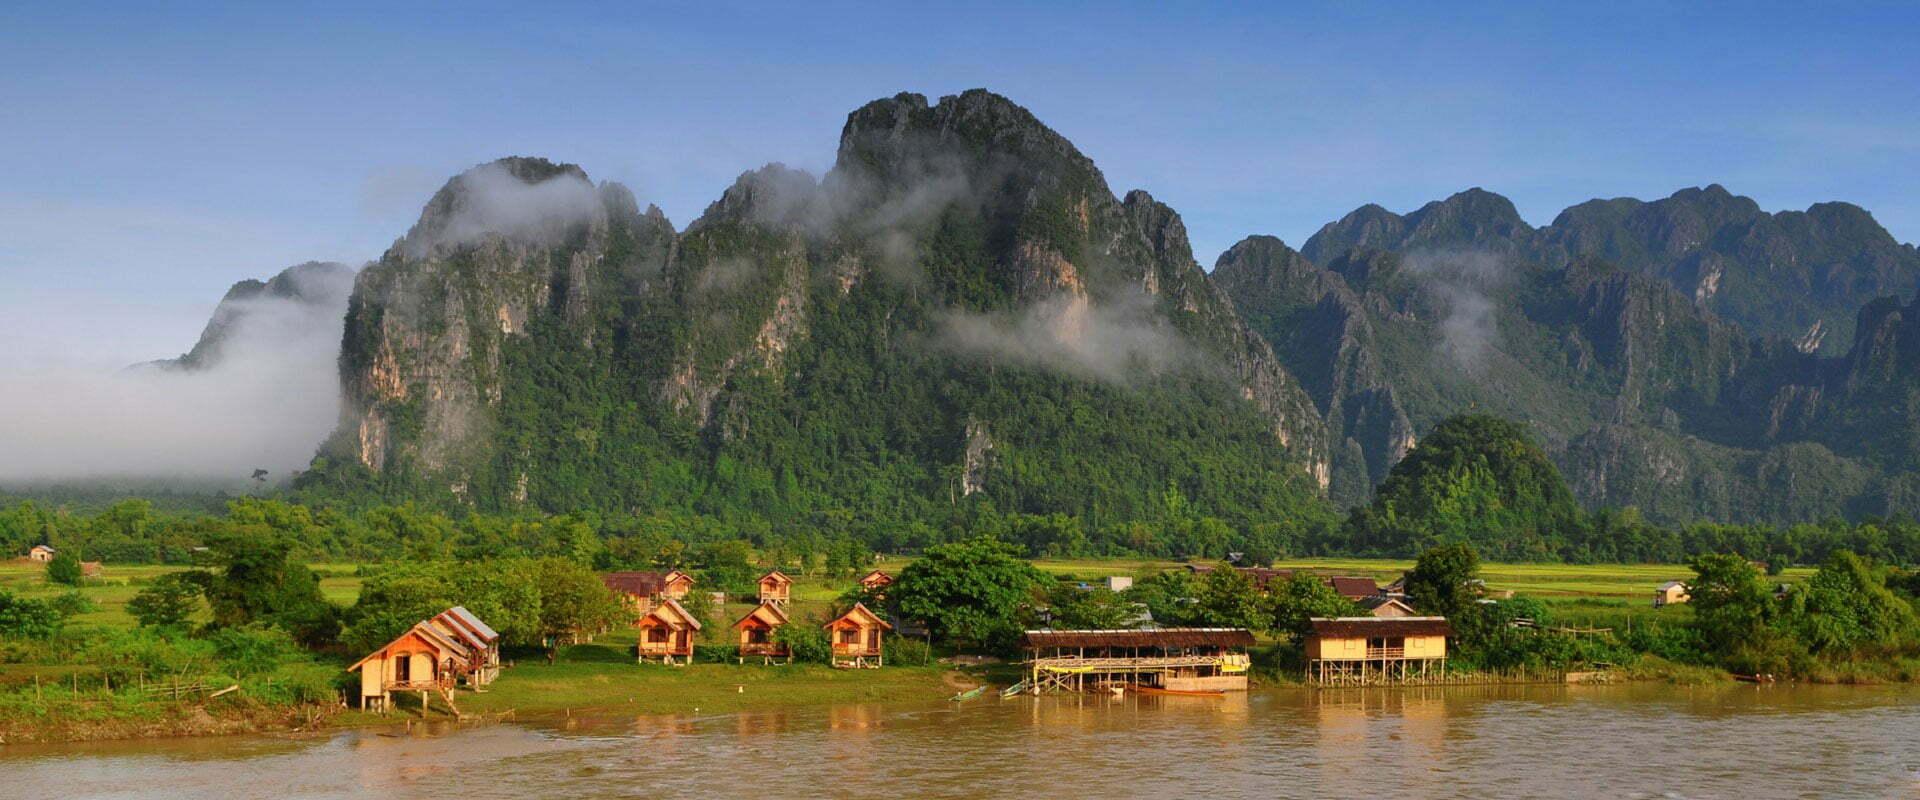 Voyage Laos Vietnam 22 jours